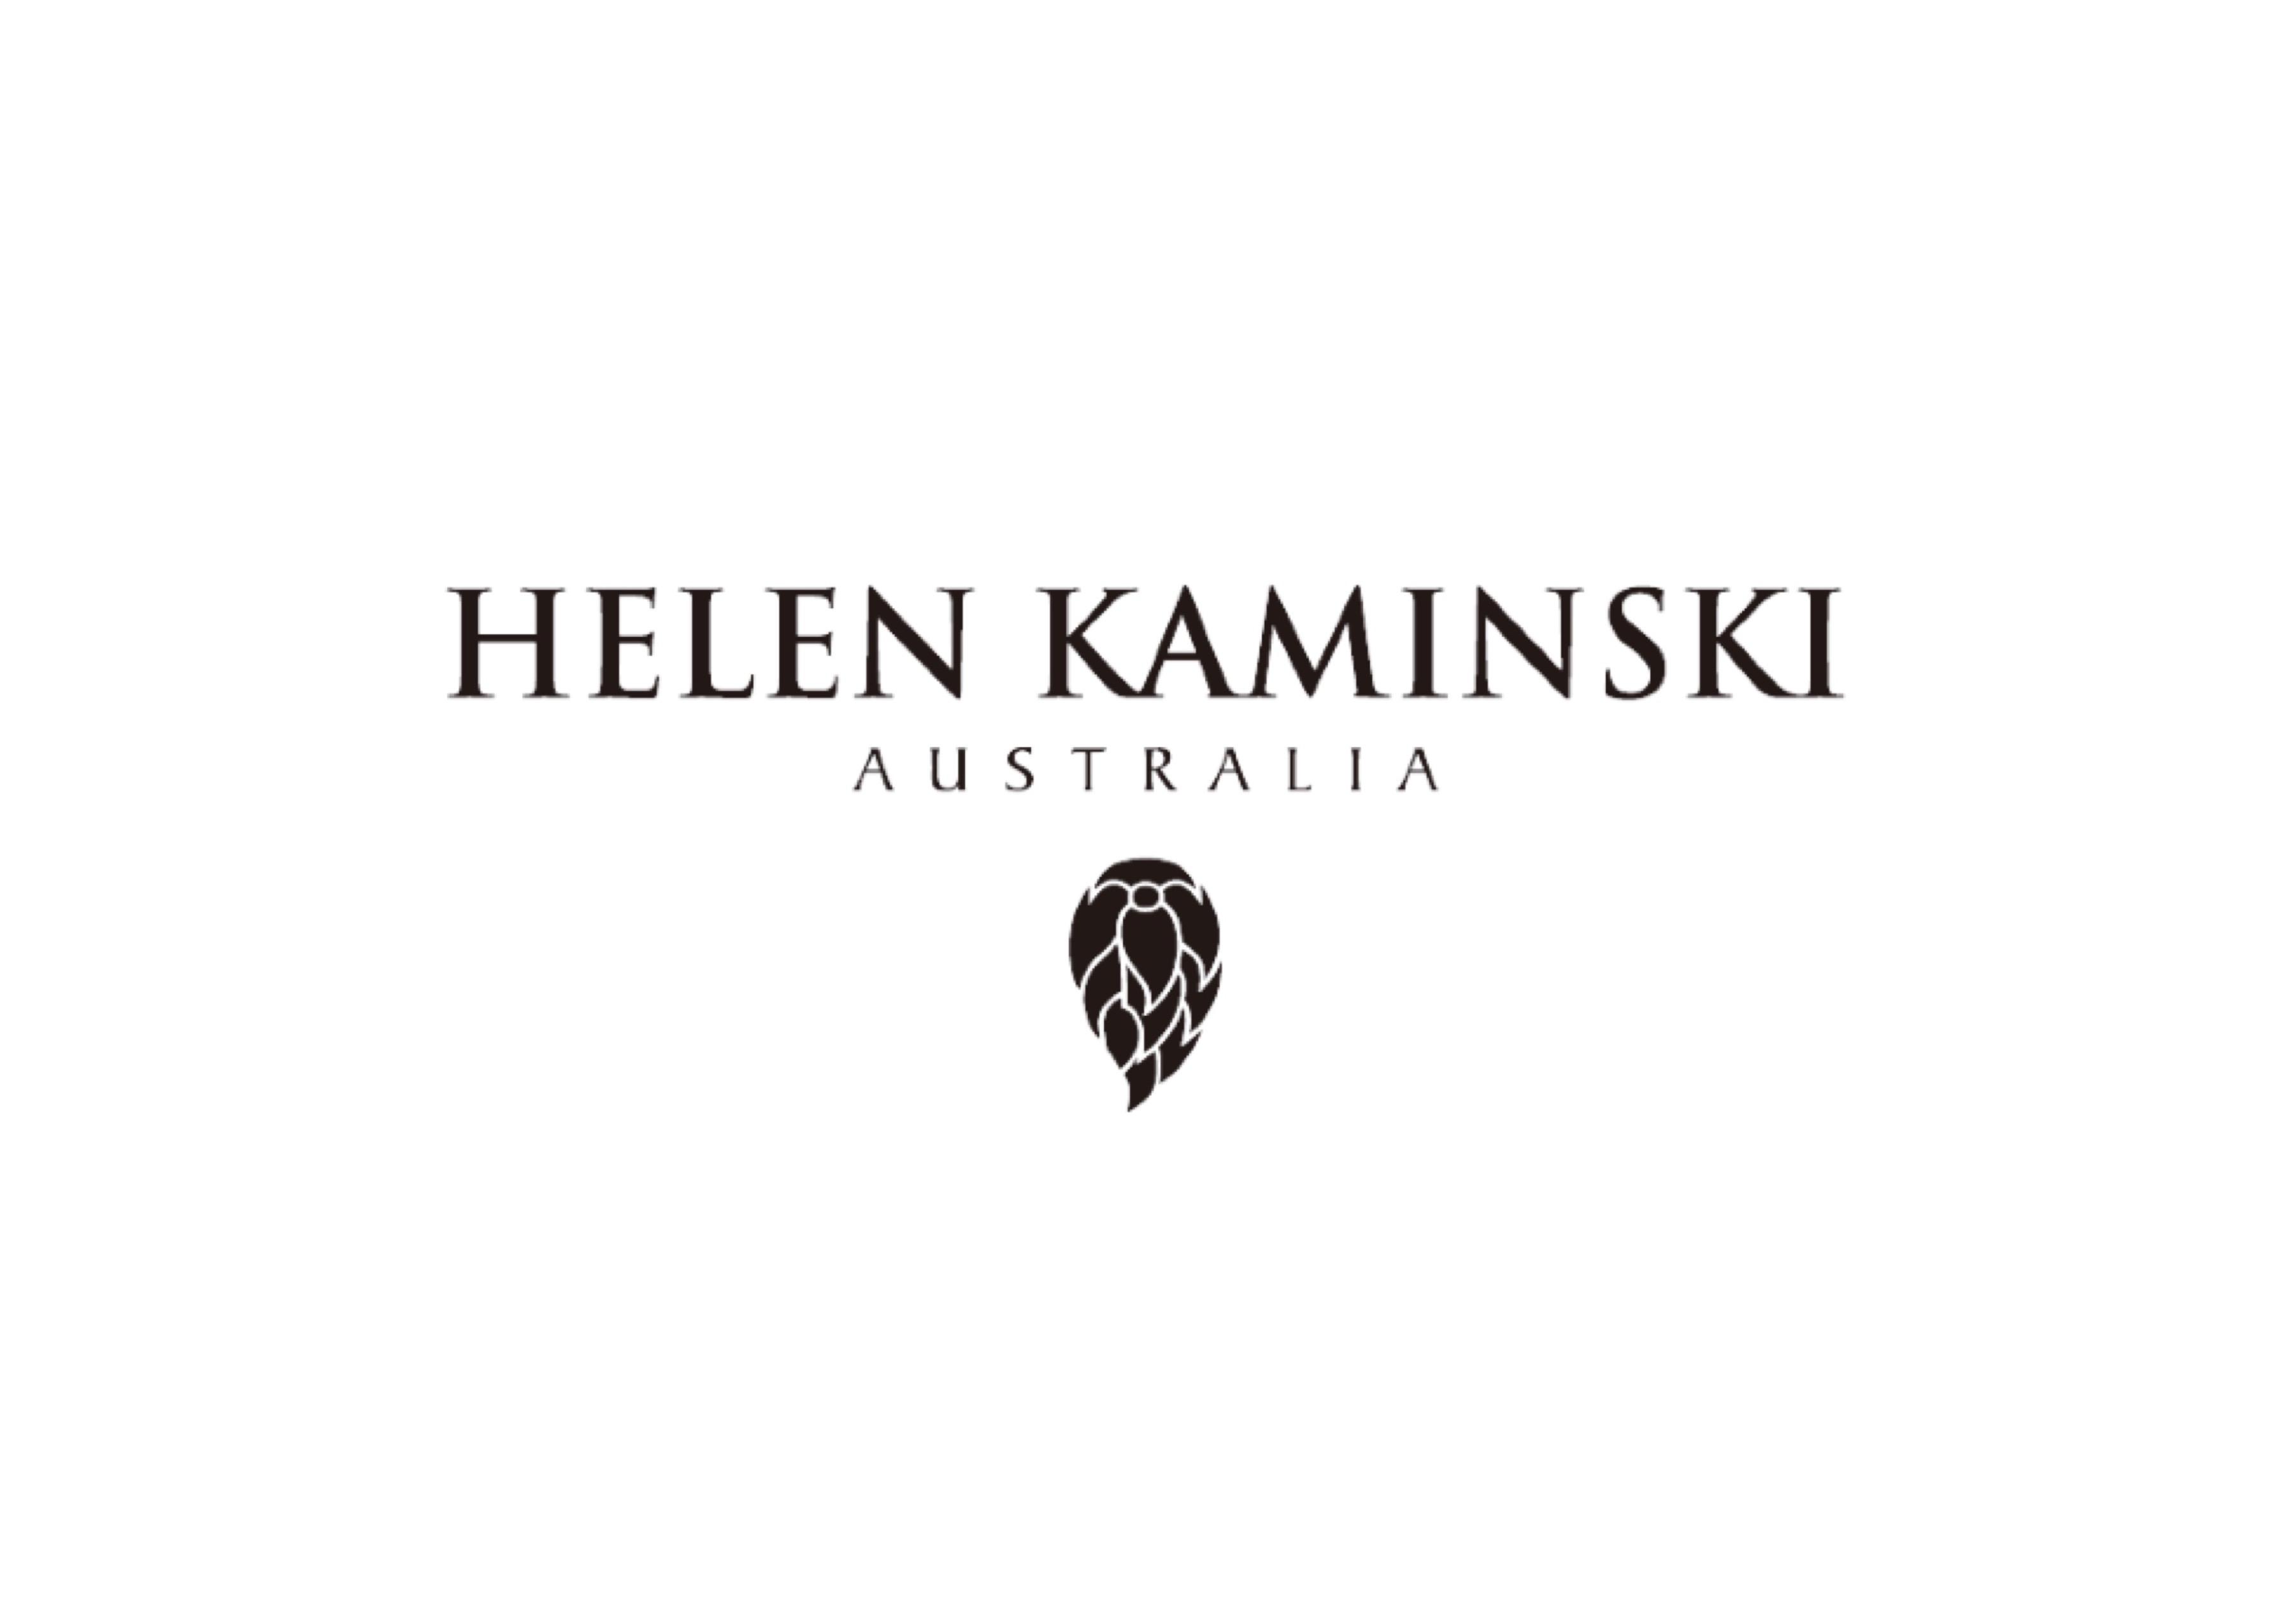 HELEN KAMINSKI(ヘレンカミンスキー)のイメージ画像